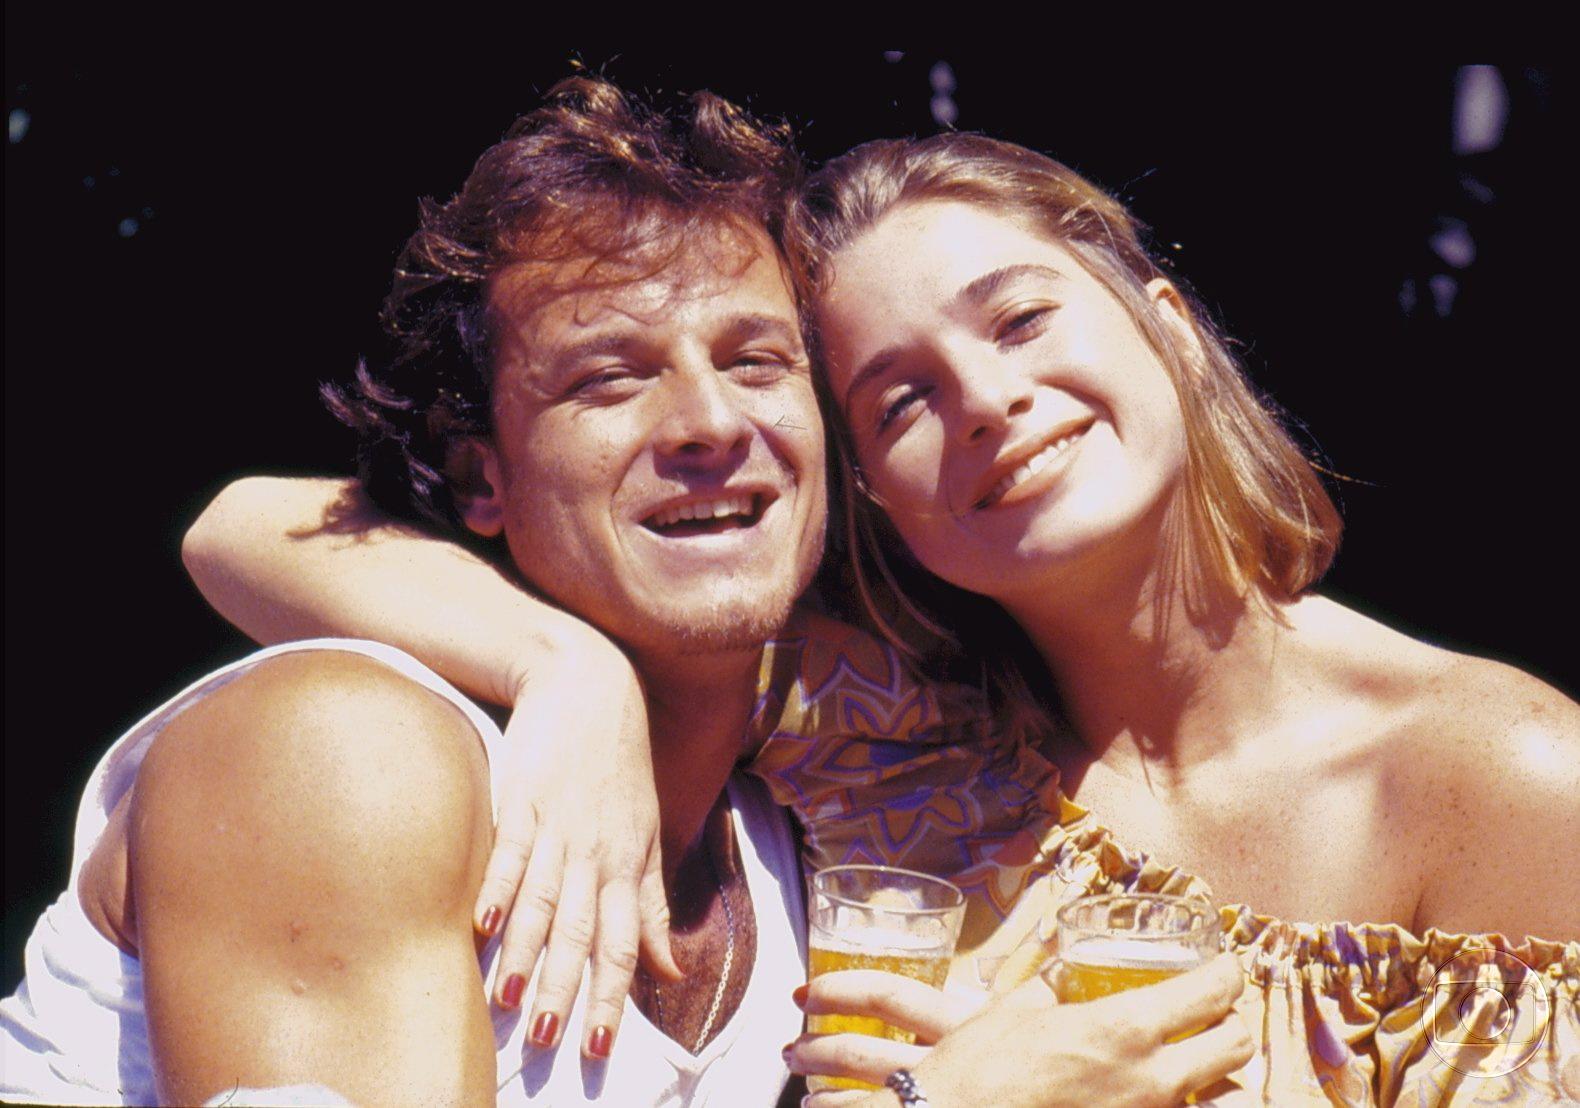 Marcello Novaes e Letícia Spiller ficaram eternizados na memória do público como Raí e Babalu. O romance foi para a vida real e eles tiveram um filho, Pedro, hoje com 17 anos